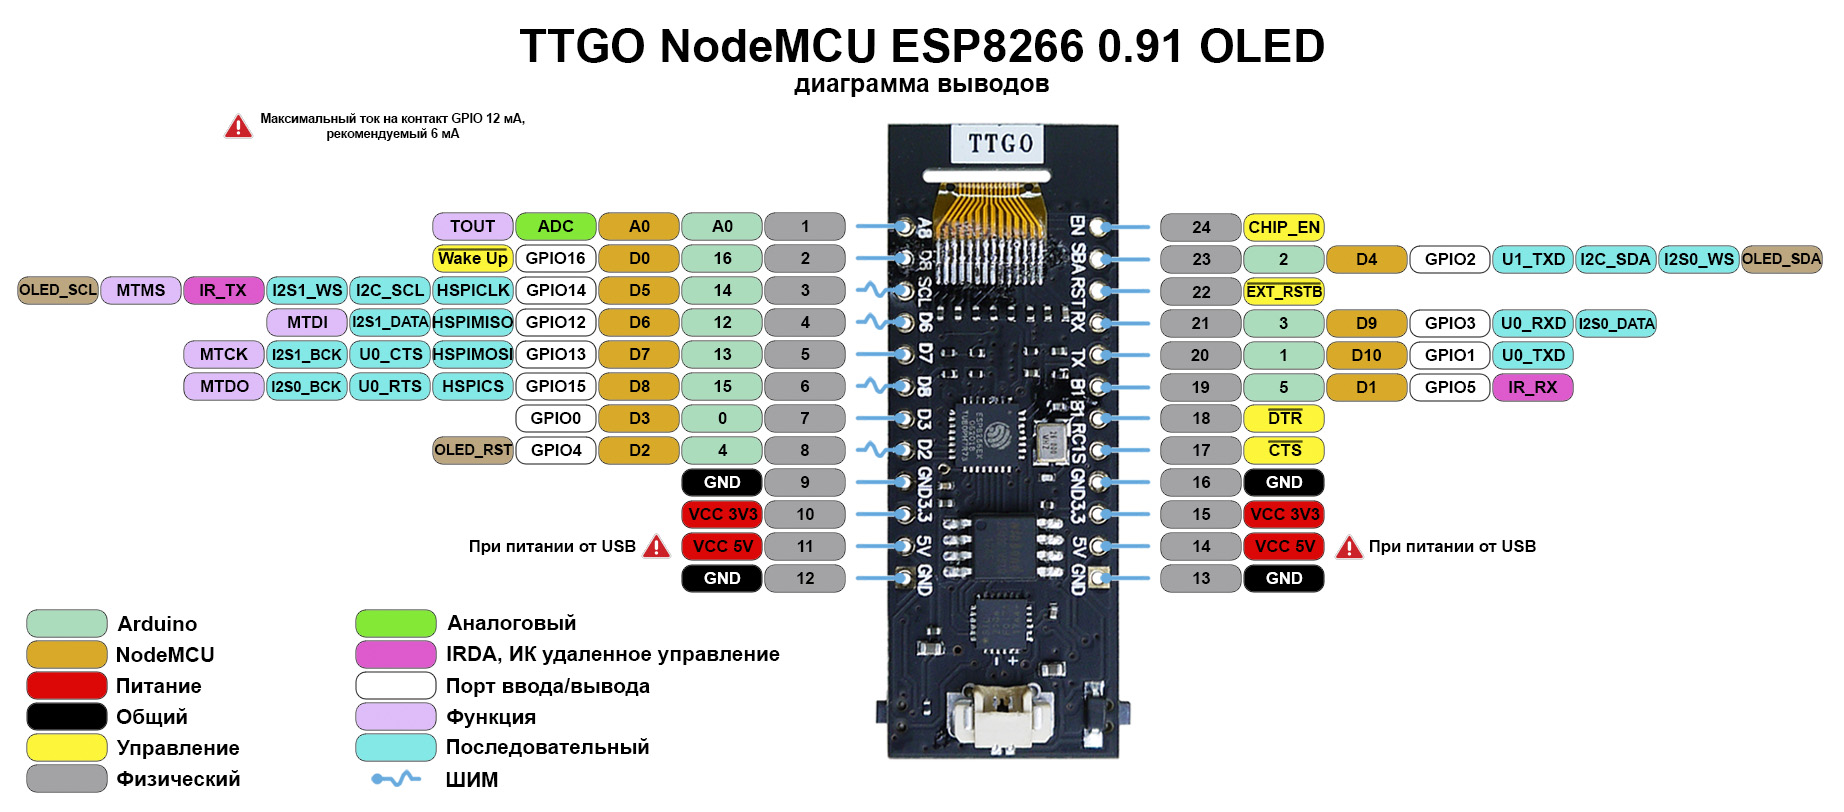 Функциональное назначение выводов TTGO NodeMCU ESP8266 0.91 OLED распиновка